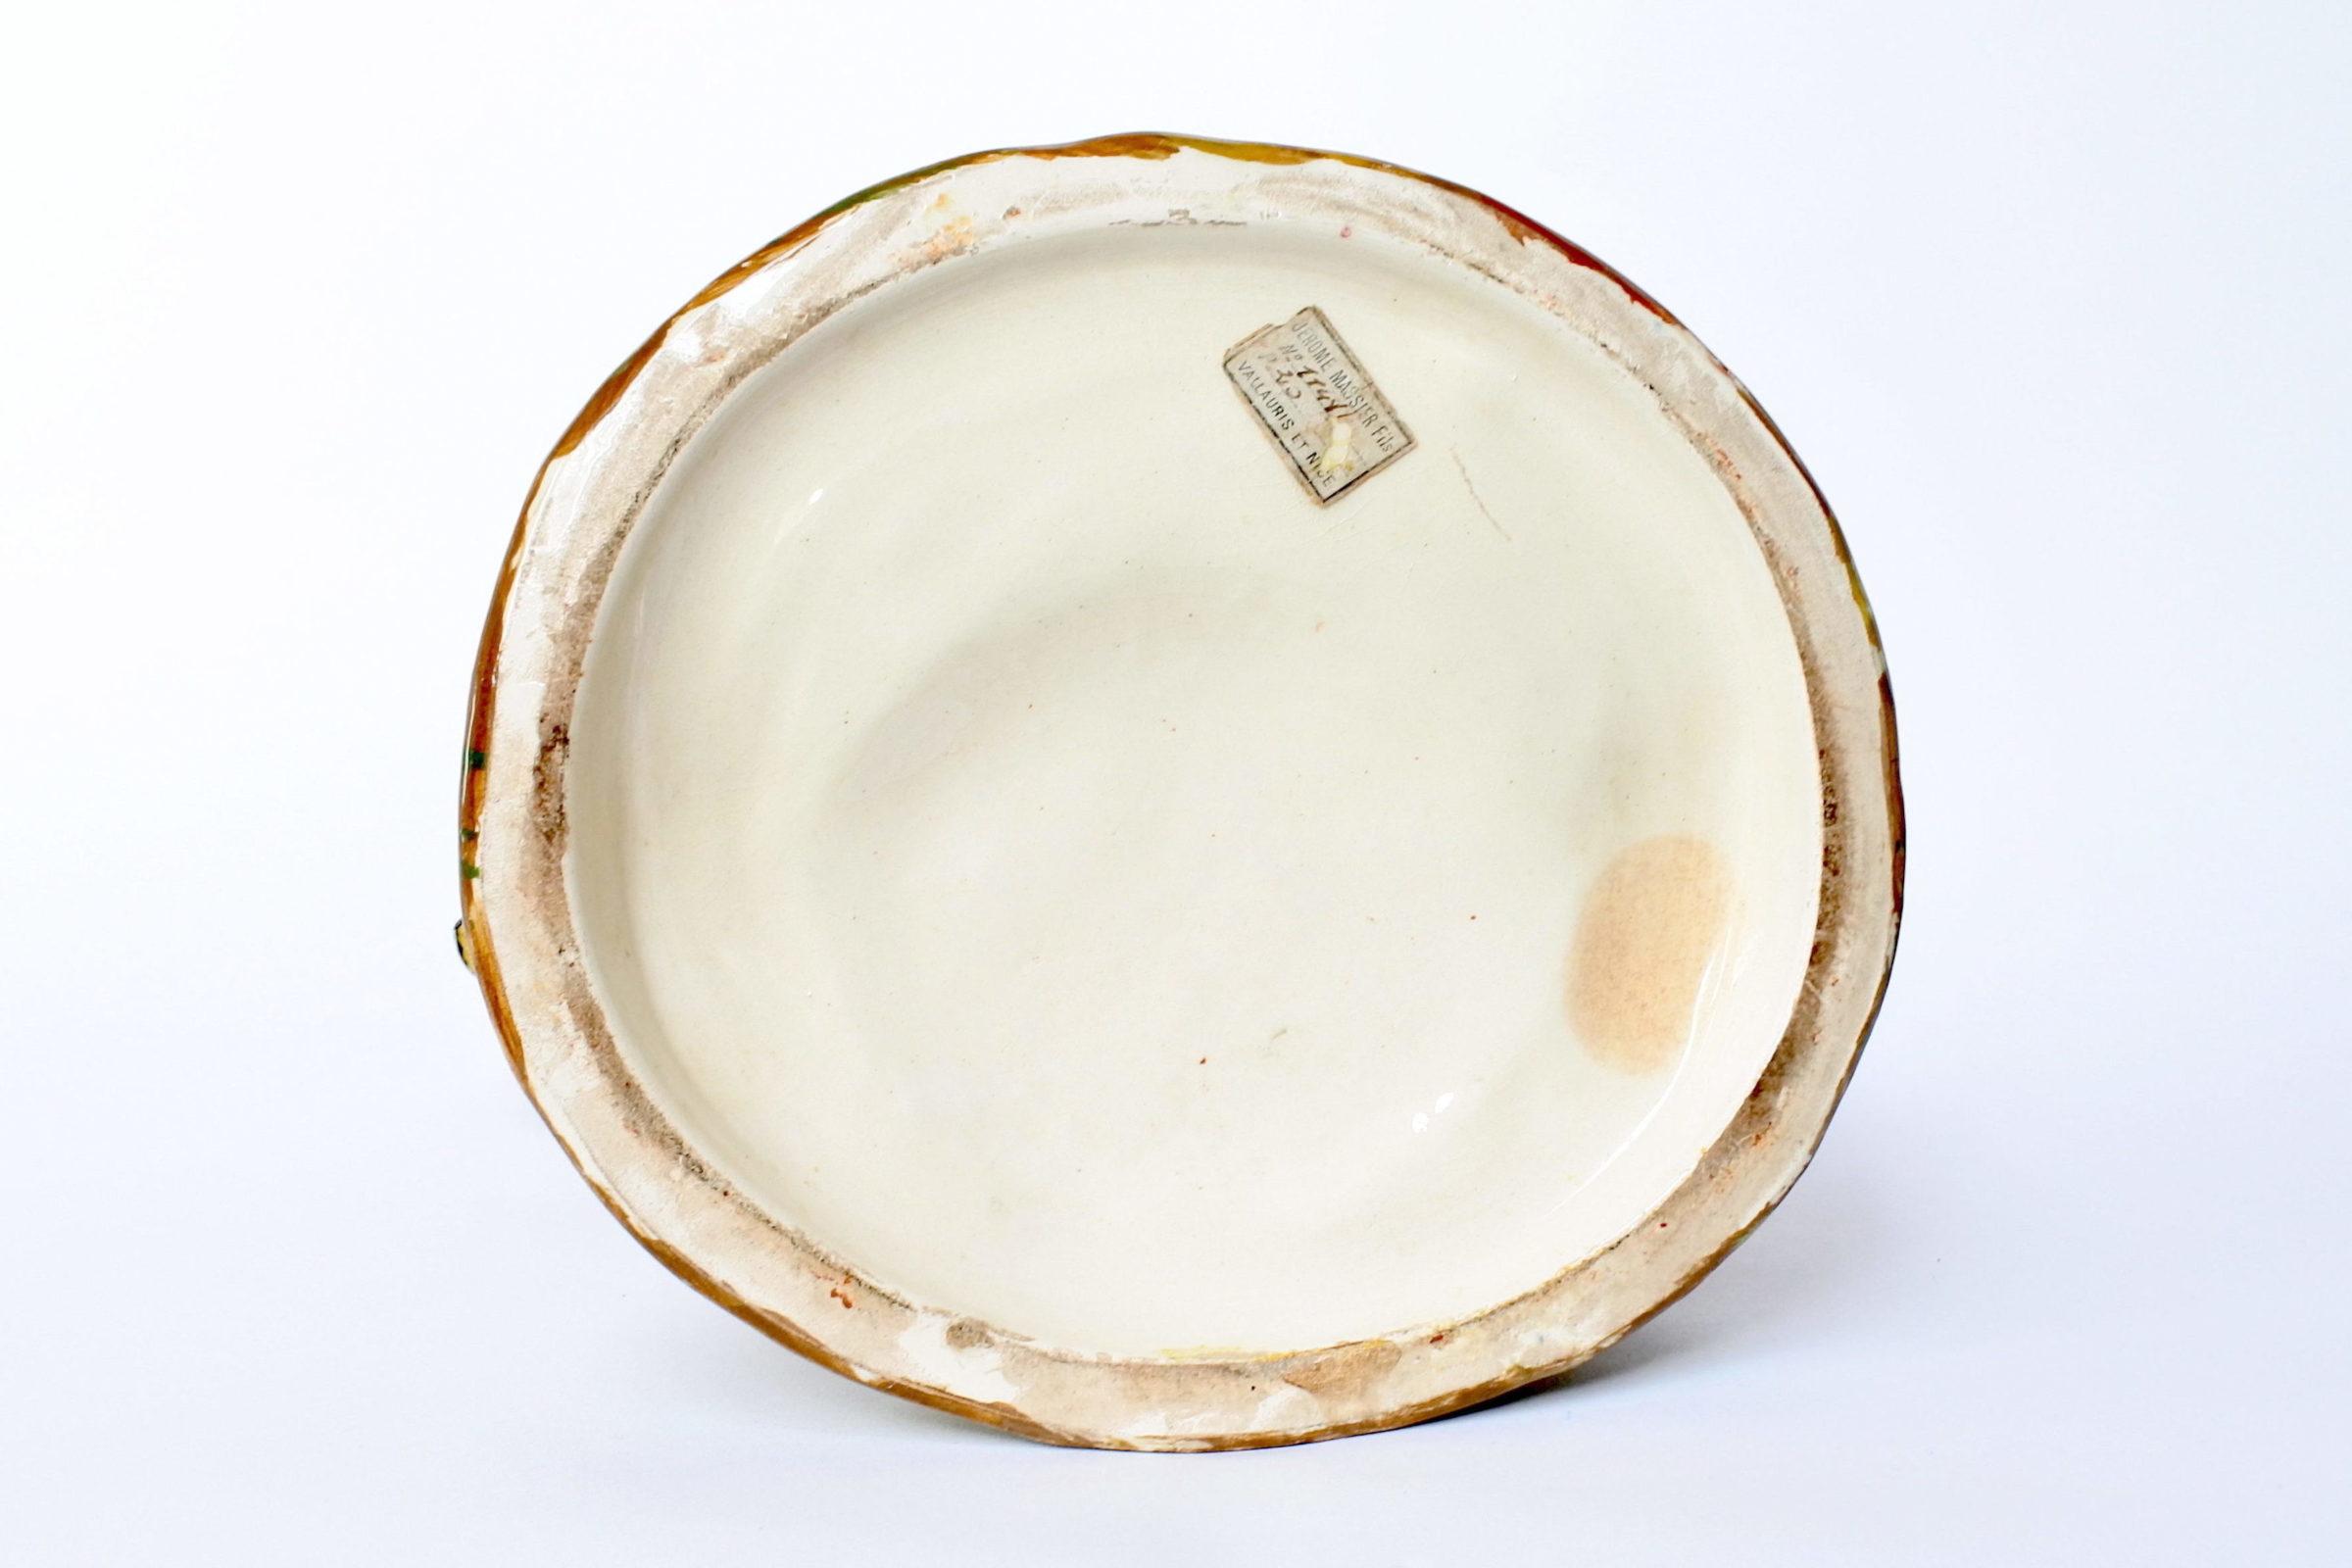 Portafiori in ceramica barbotine rappresentante testa di clown - 5